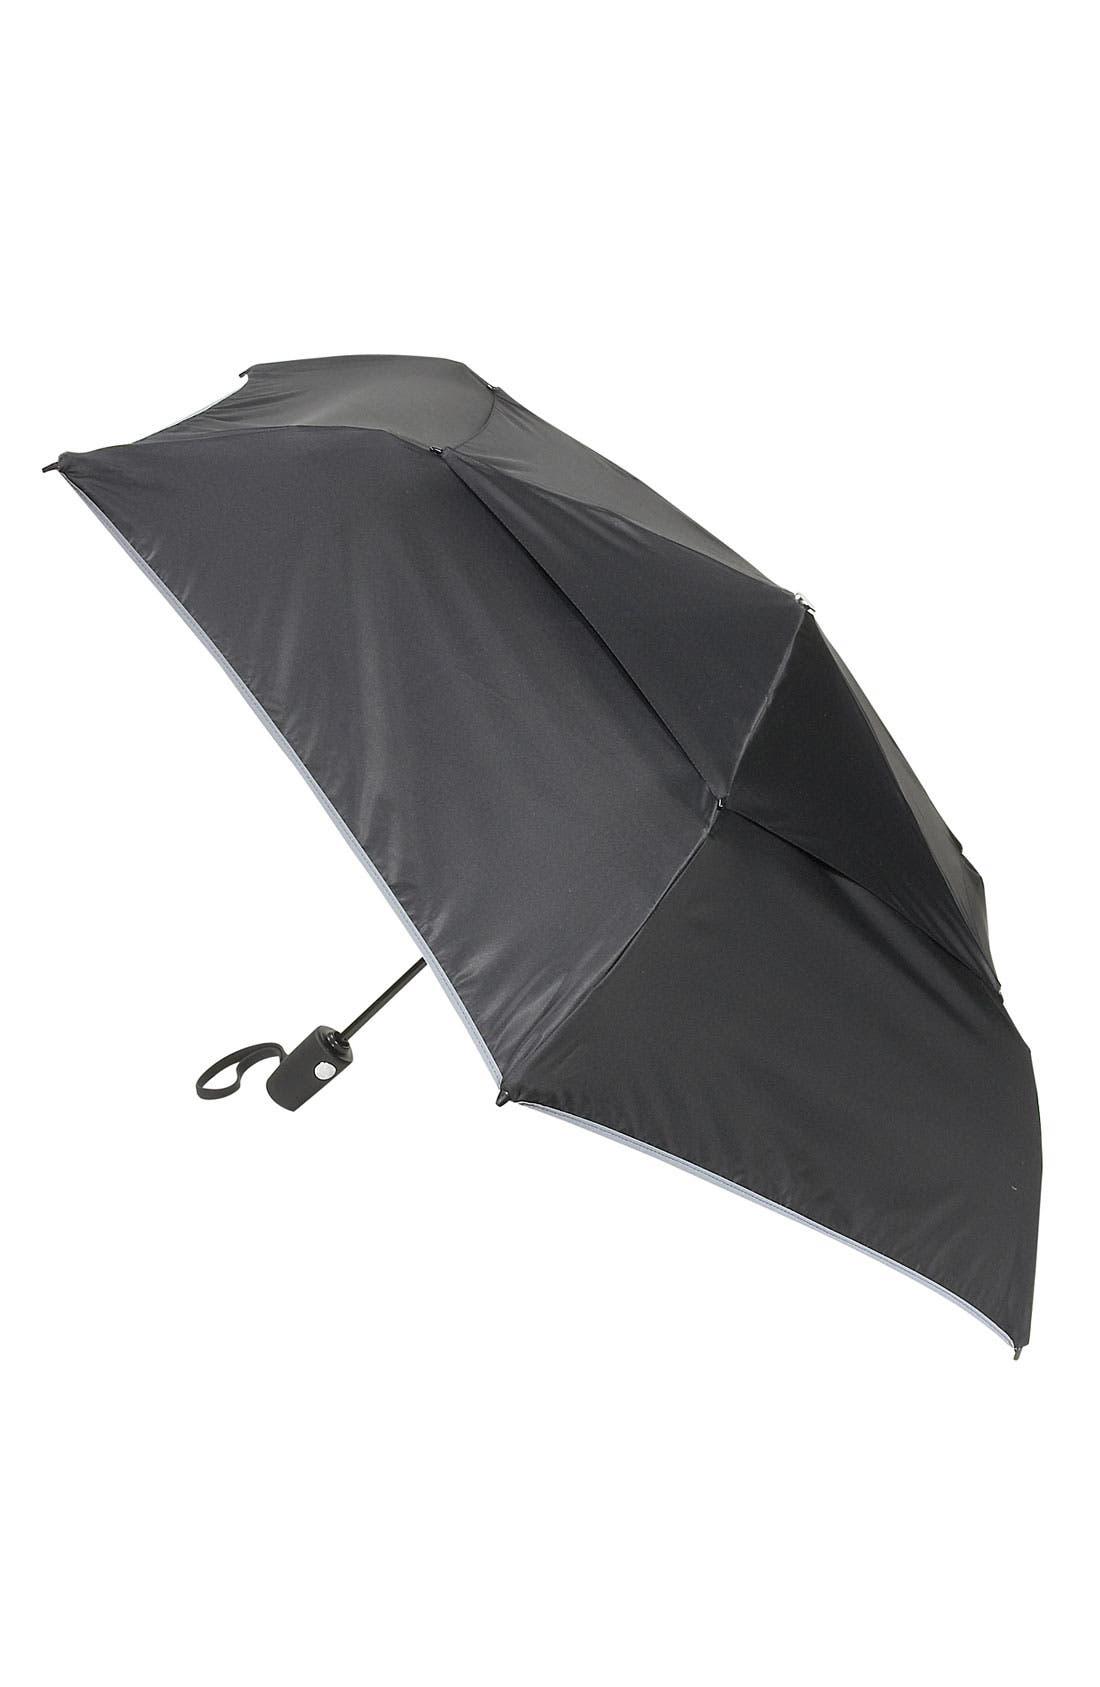 Medium Auto Close Umbrella - Black